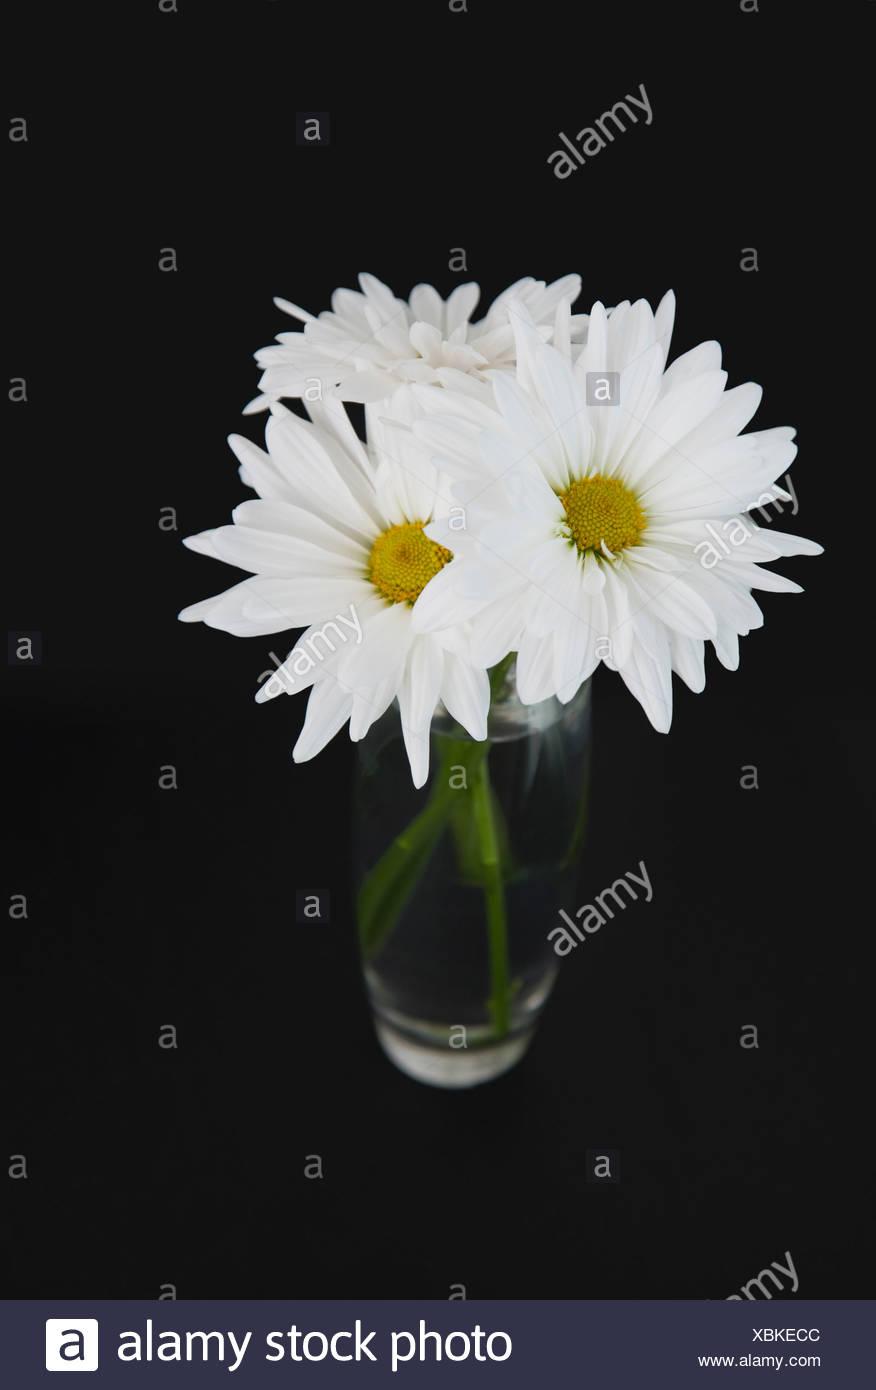 Daisies in vase stock photos daisies in vase stock images alamy white daisies in vase stock image reviewsmspy